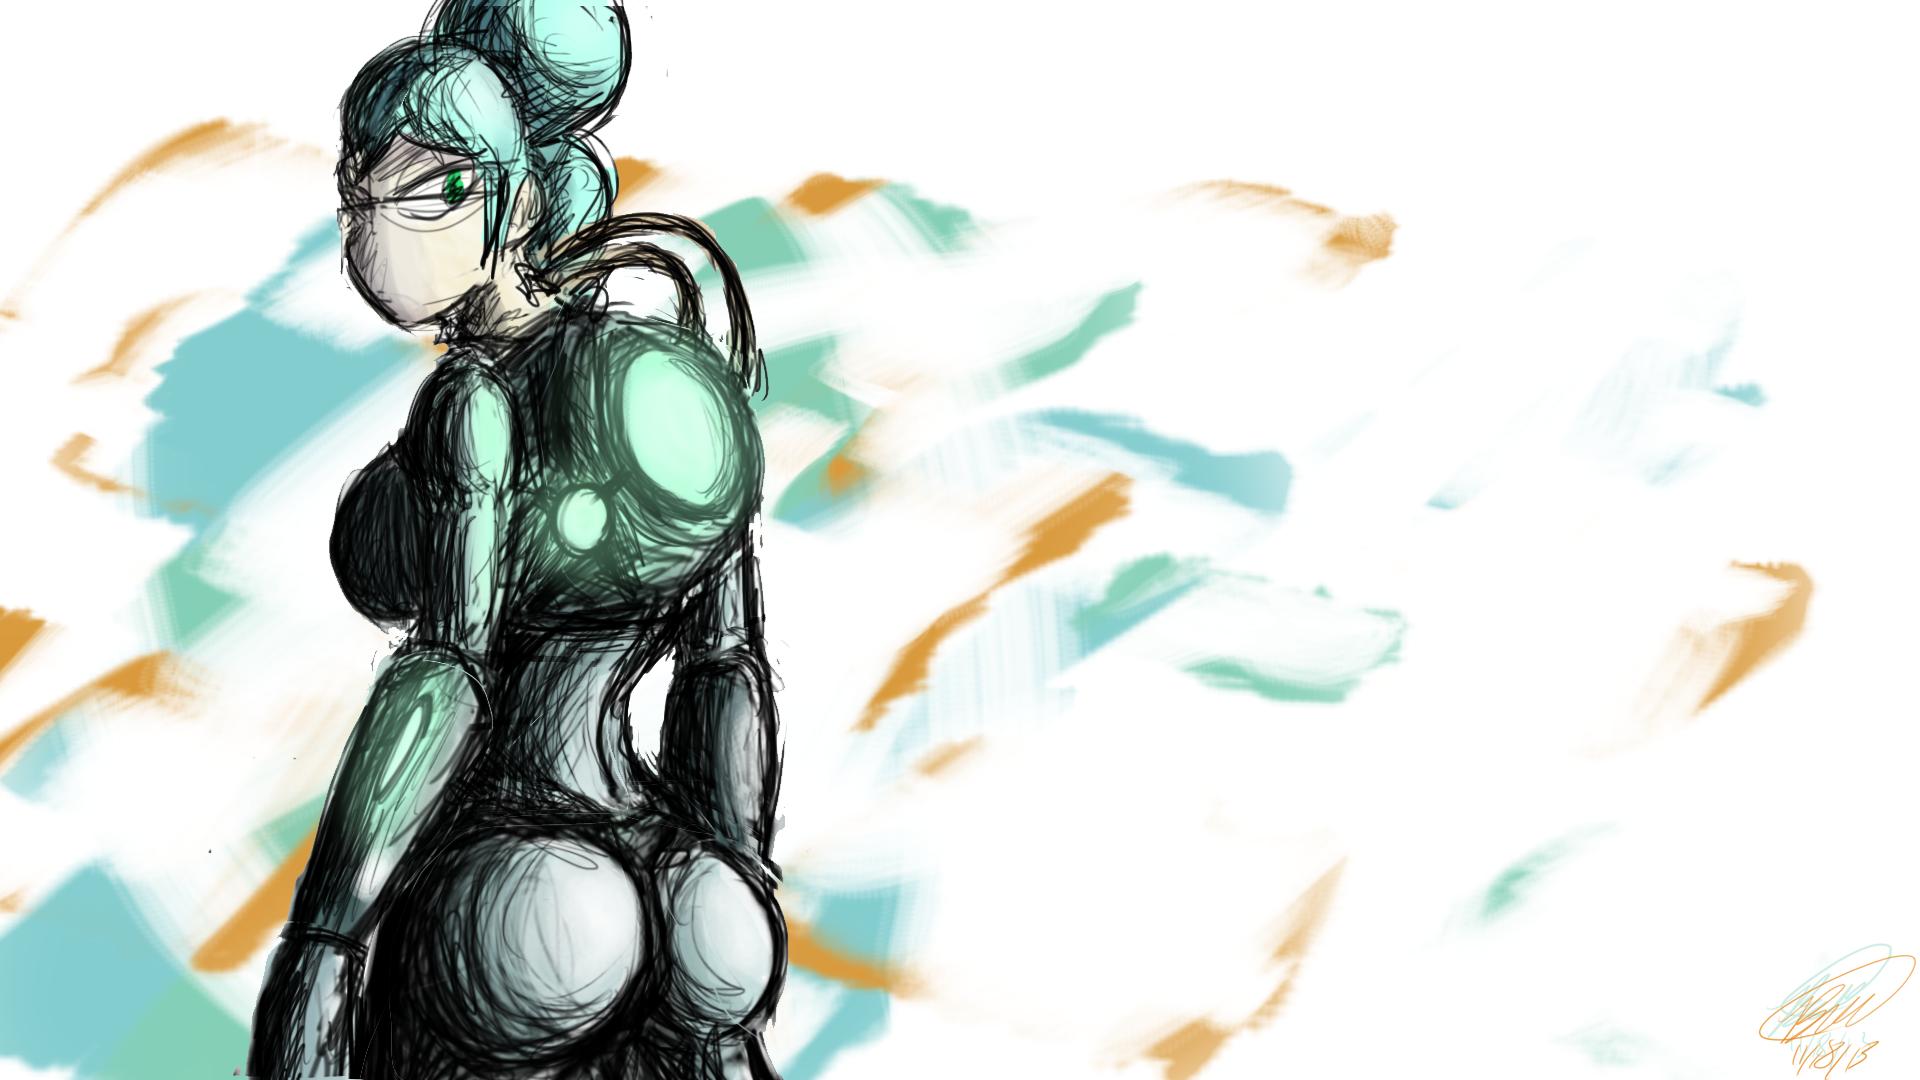 Woman in Futury Armor